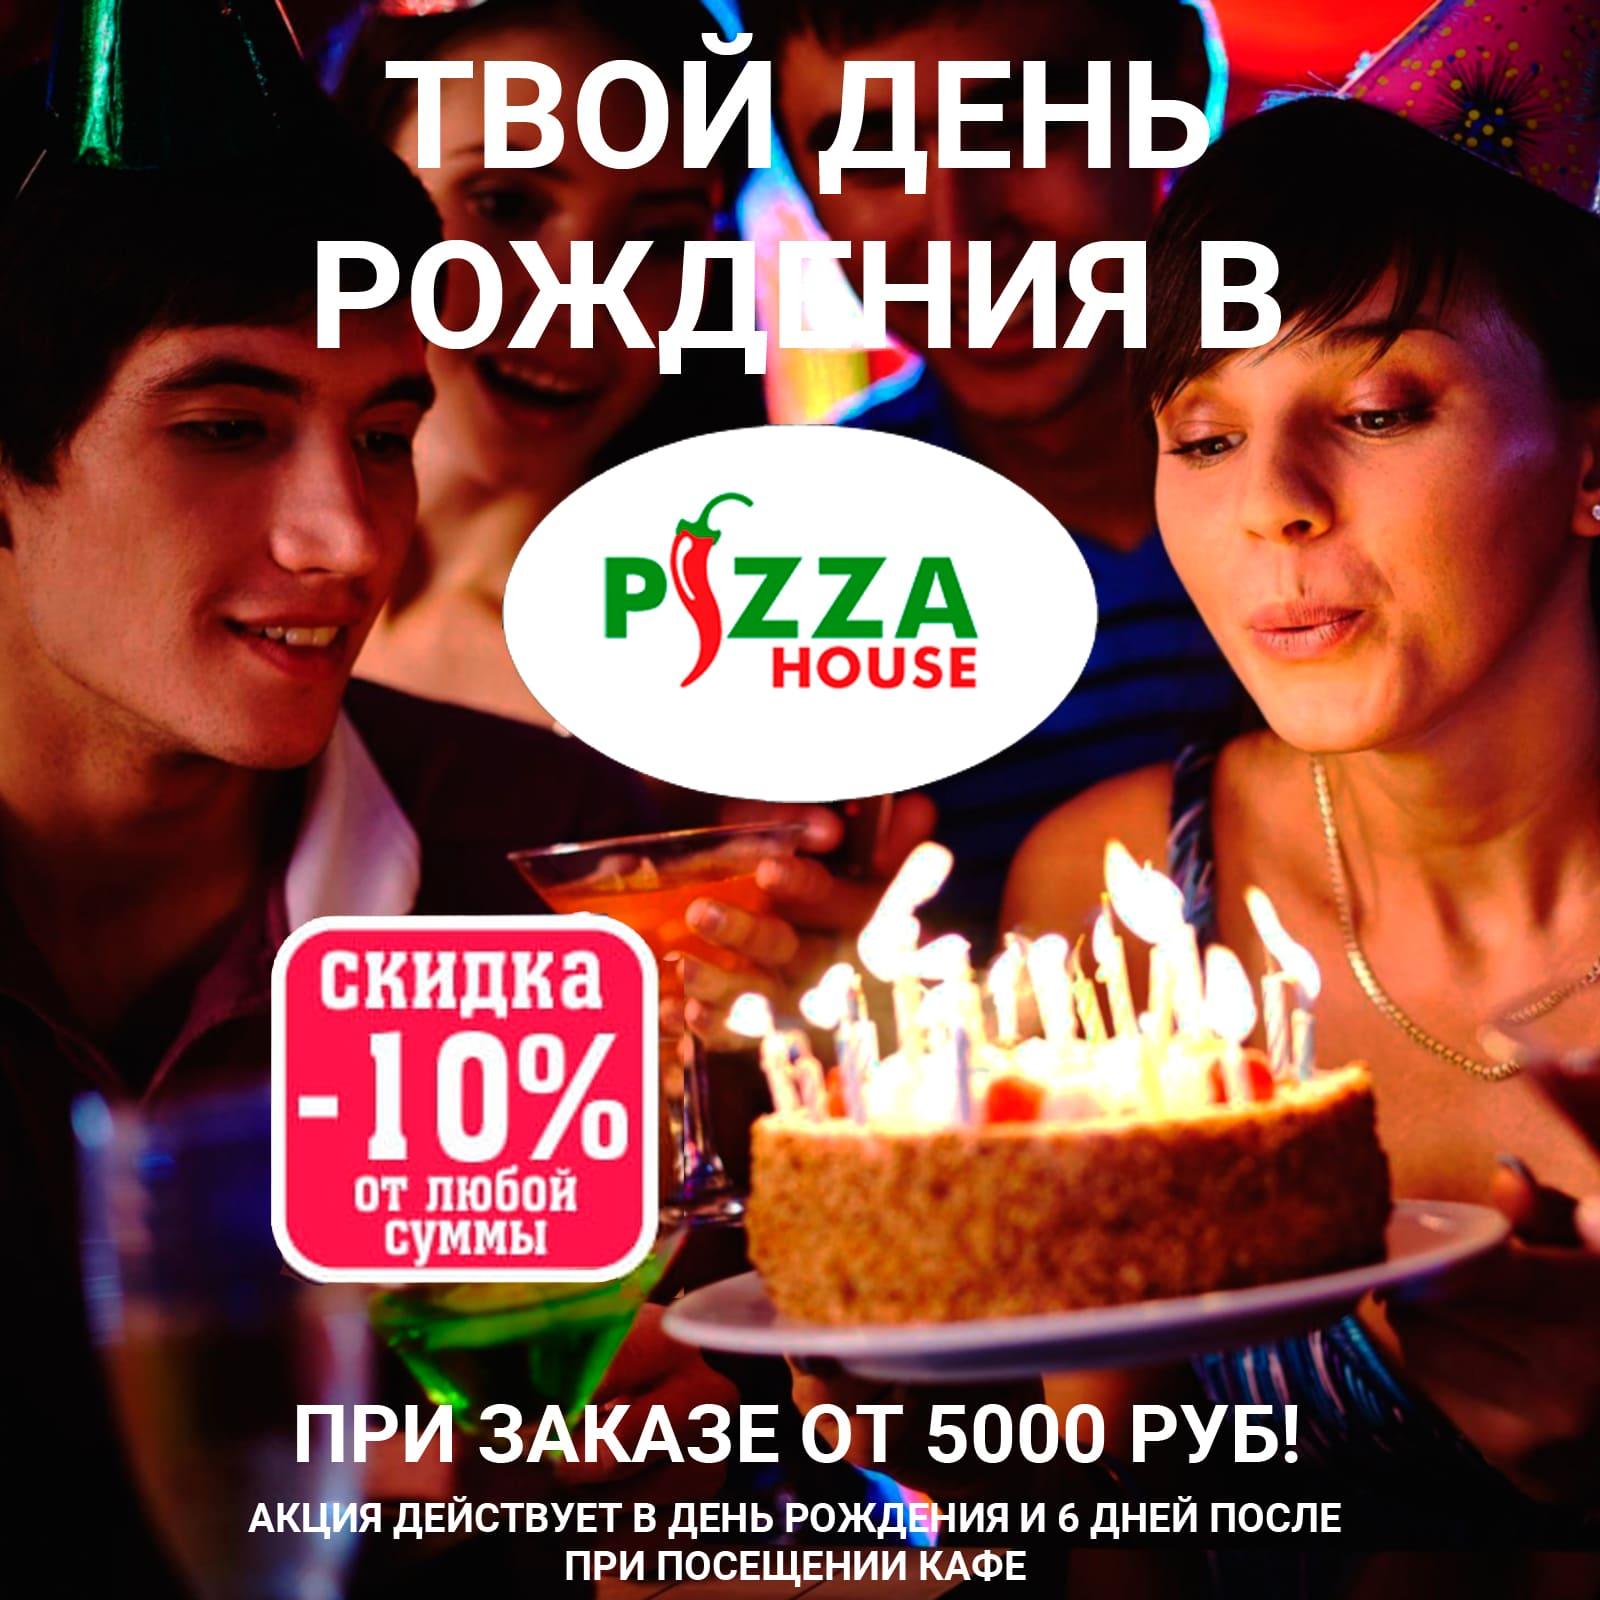 Твой день рождения в Пицца Хаус